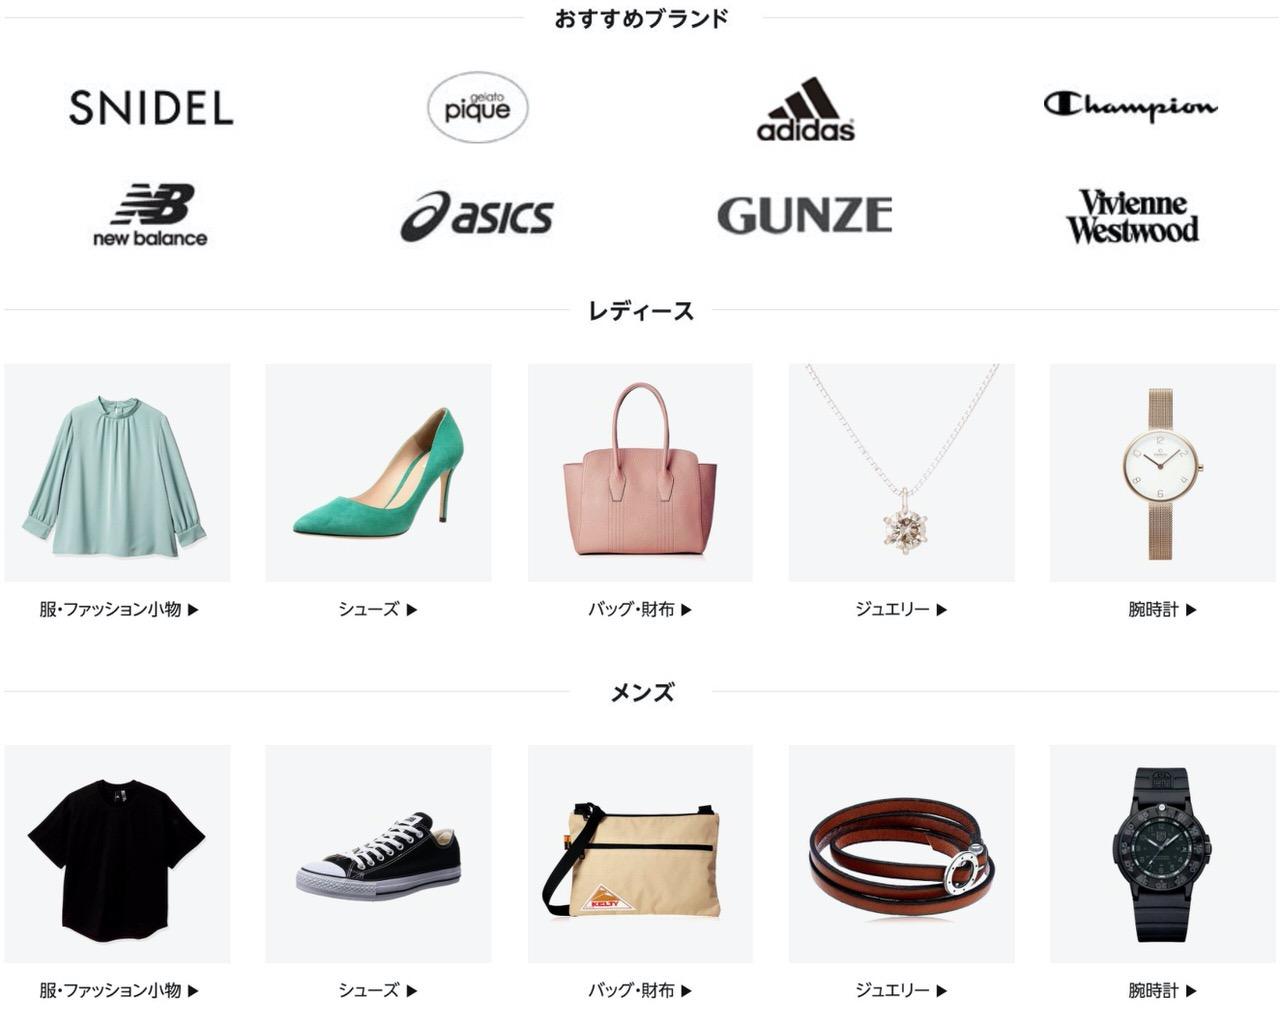 Amazon、服・シューズ・バッグ・腕時計などファッションアイテムがクーポンで最大15%オフ(8/3まで)